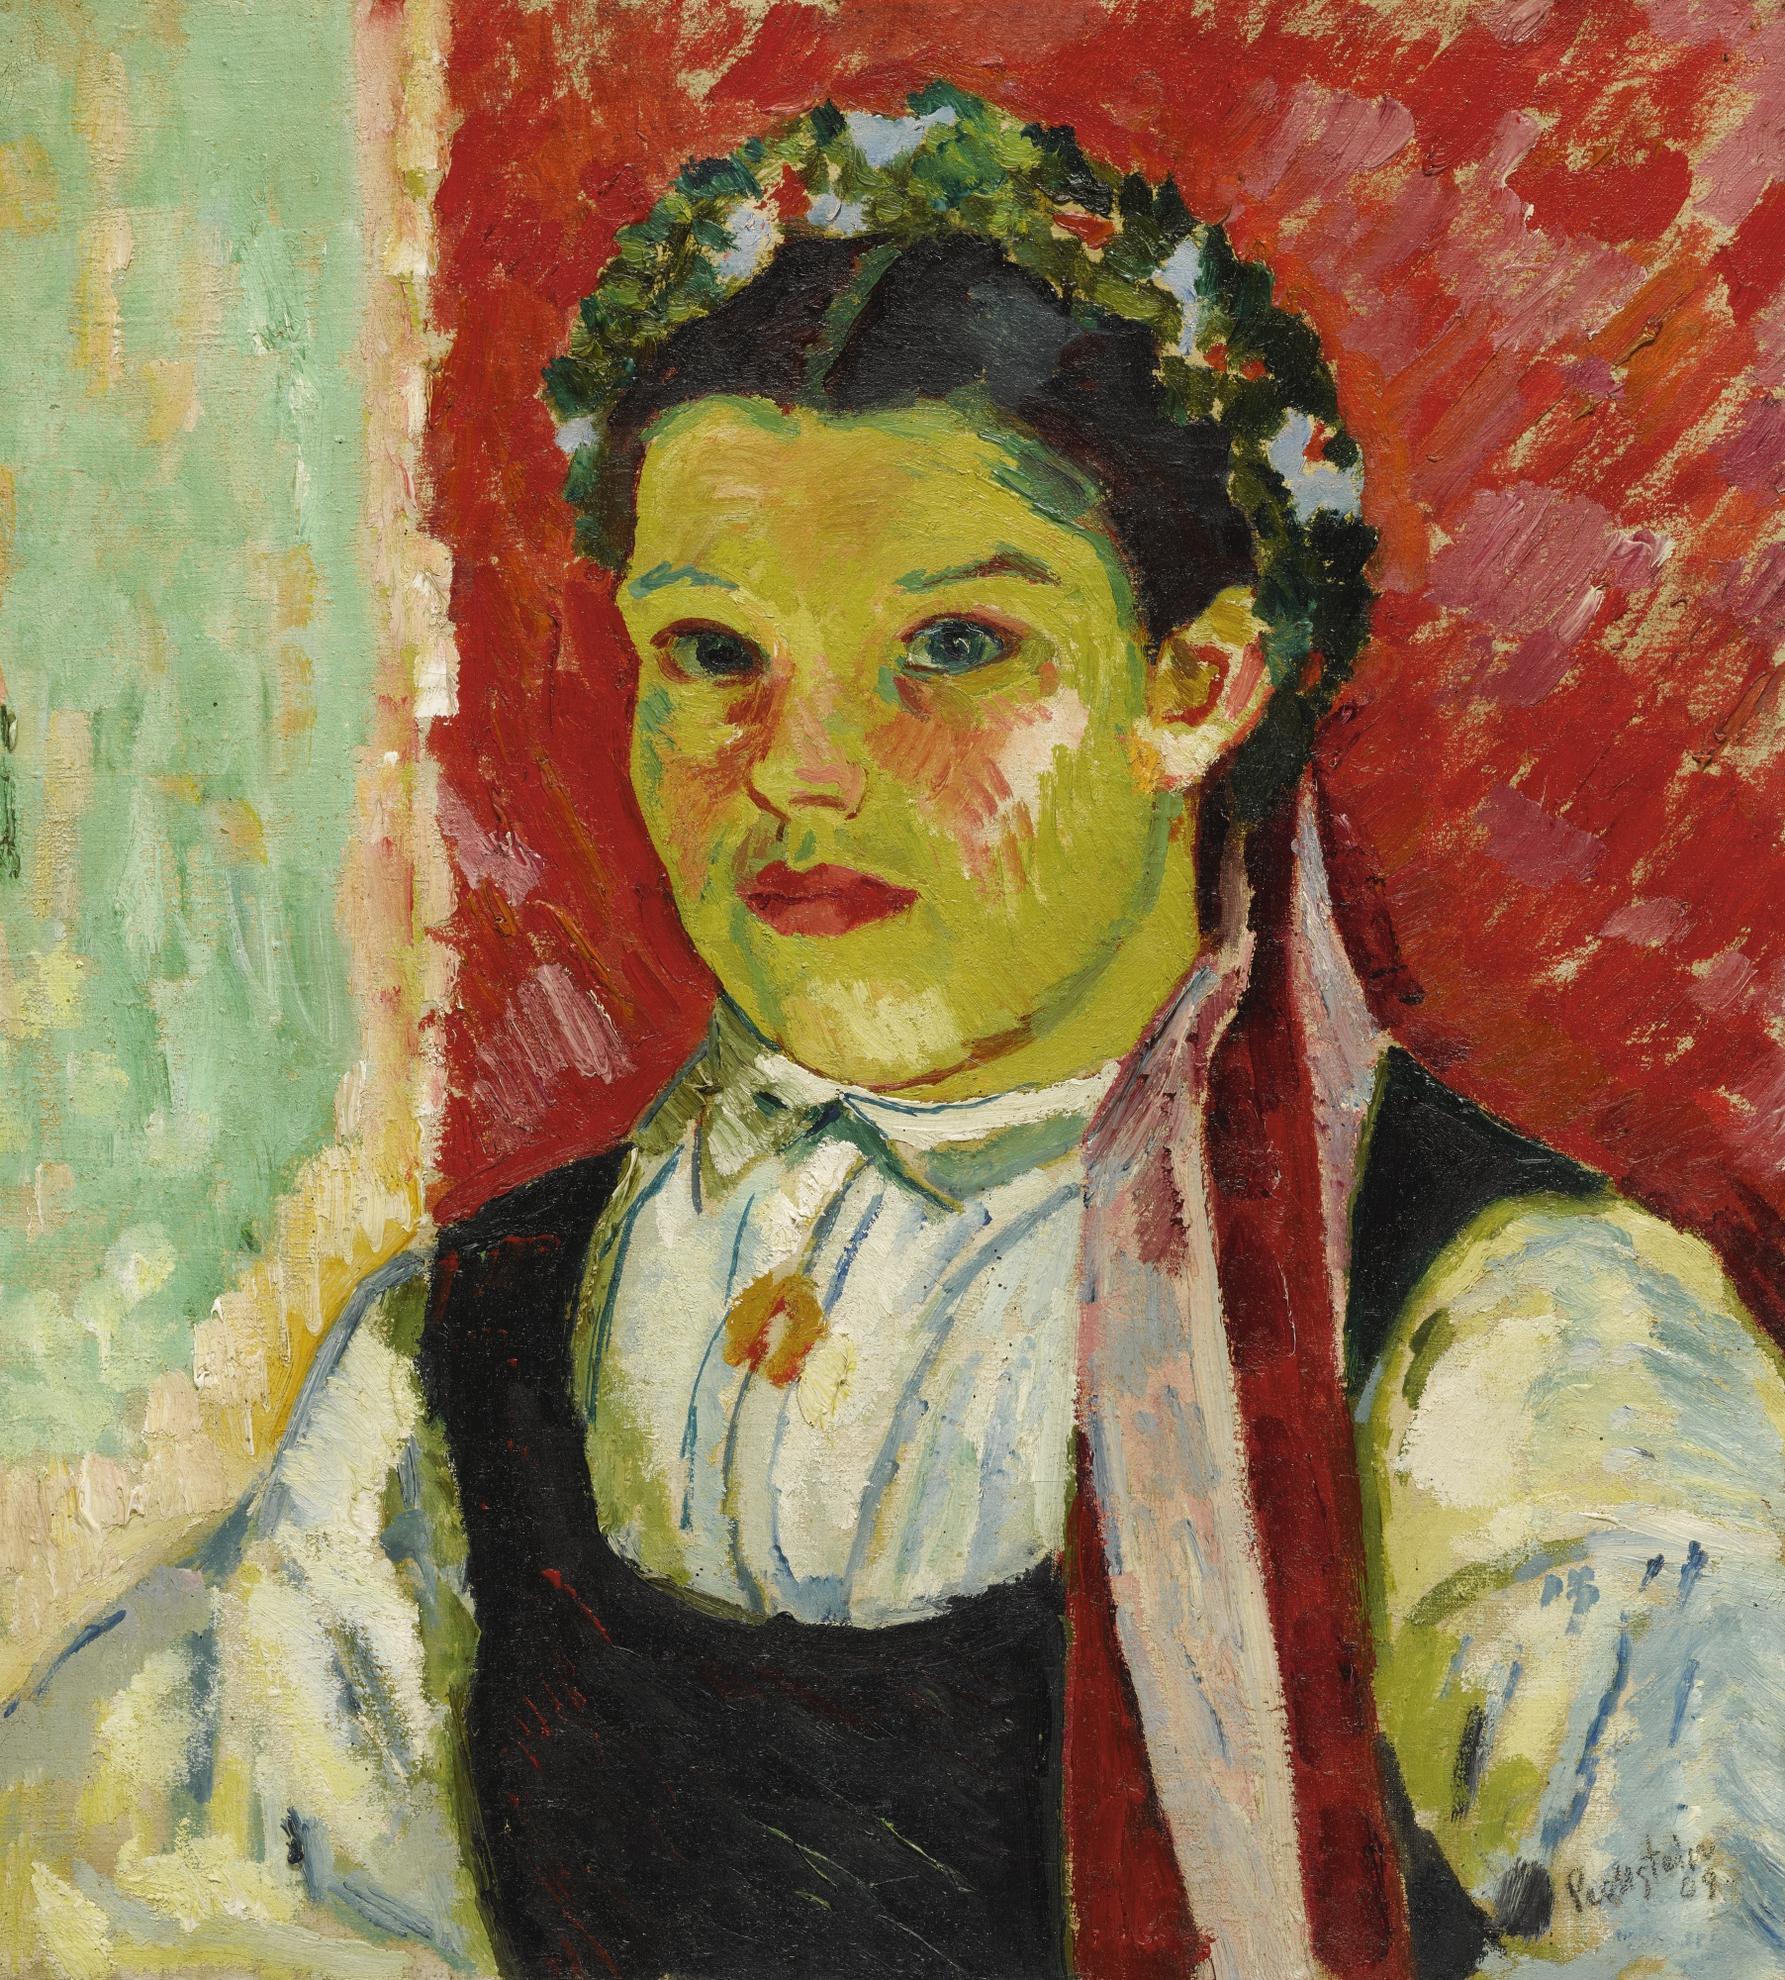 Max Pechstein-Kurische Braut I (Coronian Bride I)-1909